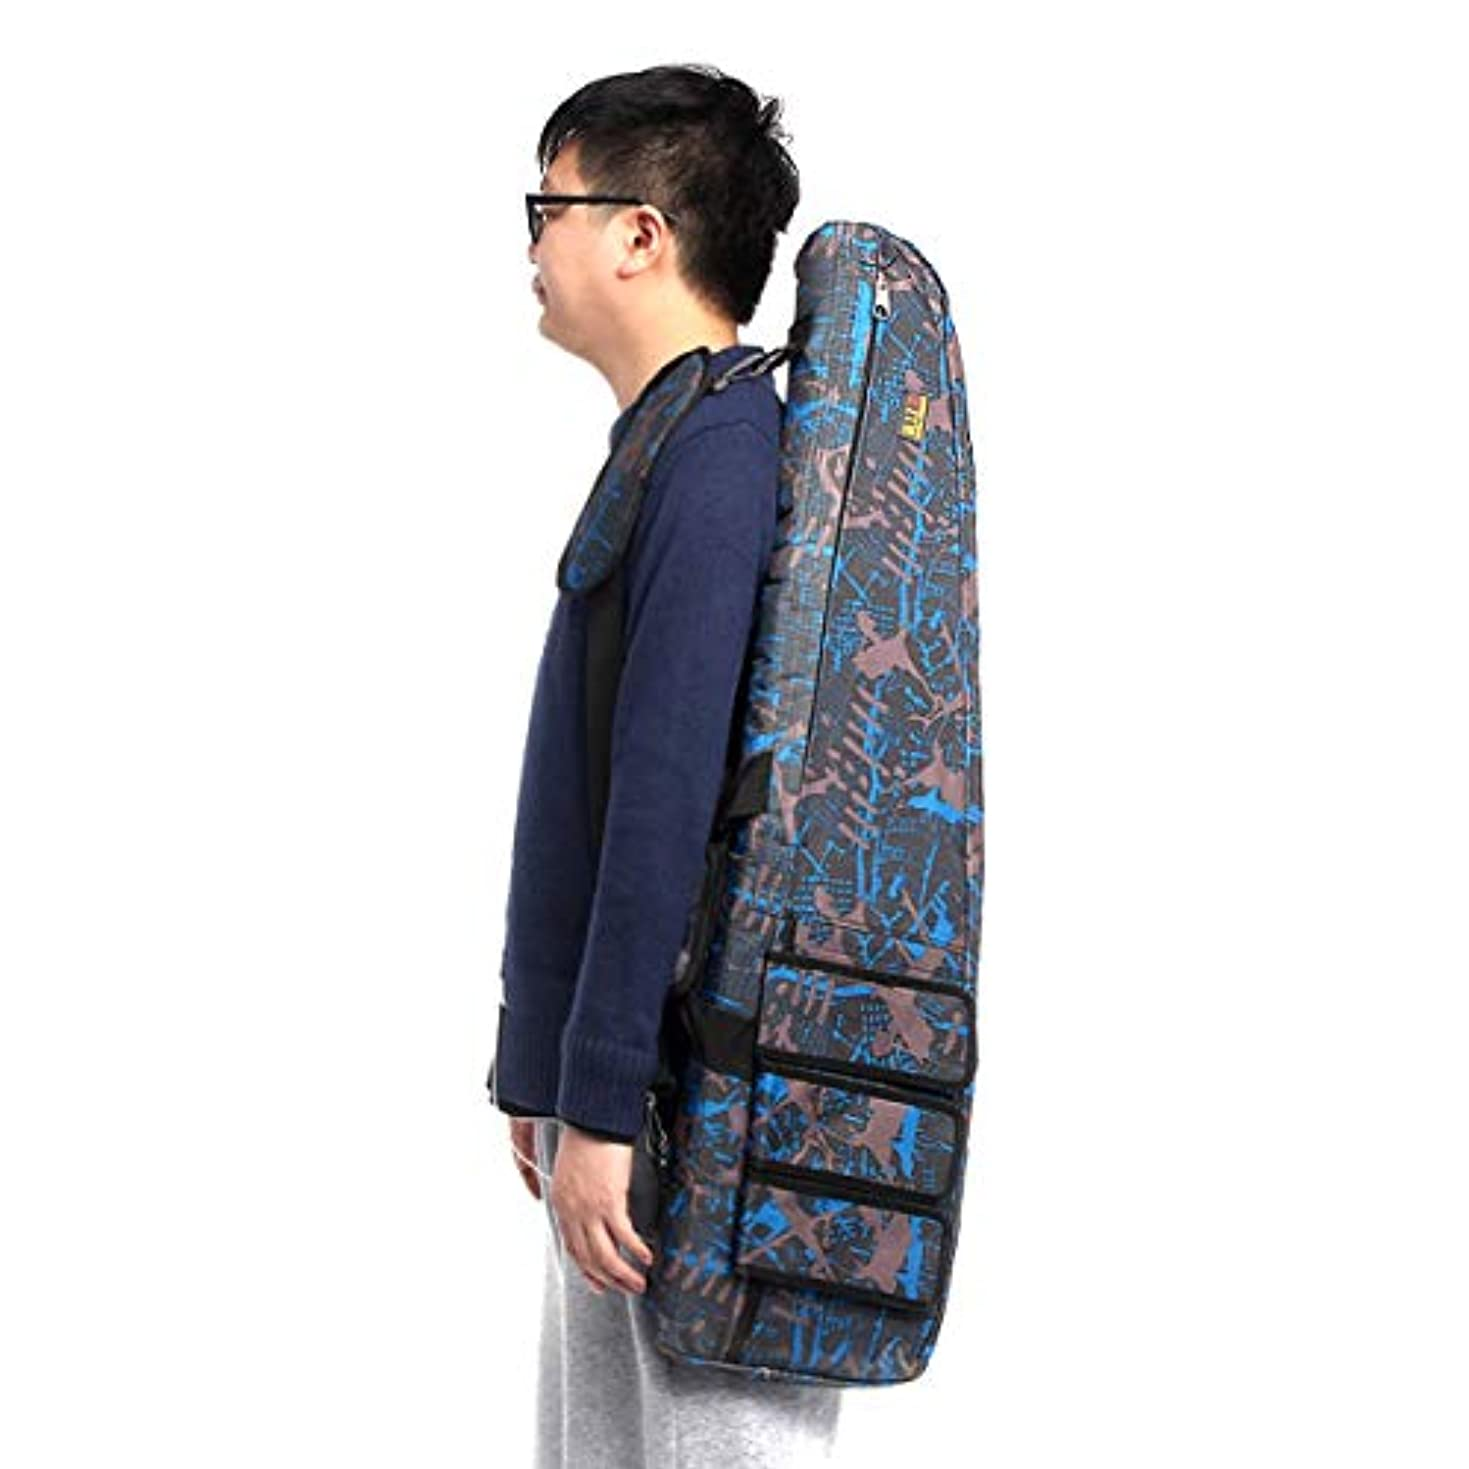 高く食い違い意見タックルボックス ポータブル100x28cmオックスフォード布フィッシングバッグ防水戦術フィッシングロッドバッグ収納ショルダーバッグ 釣具収納 (Color : Blue, Size : 100x28cm)